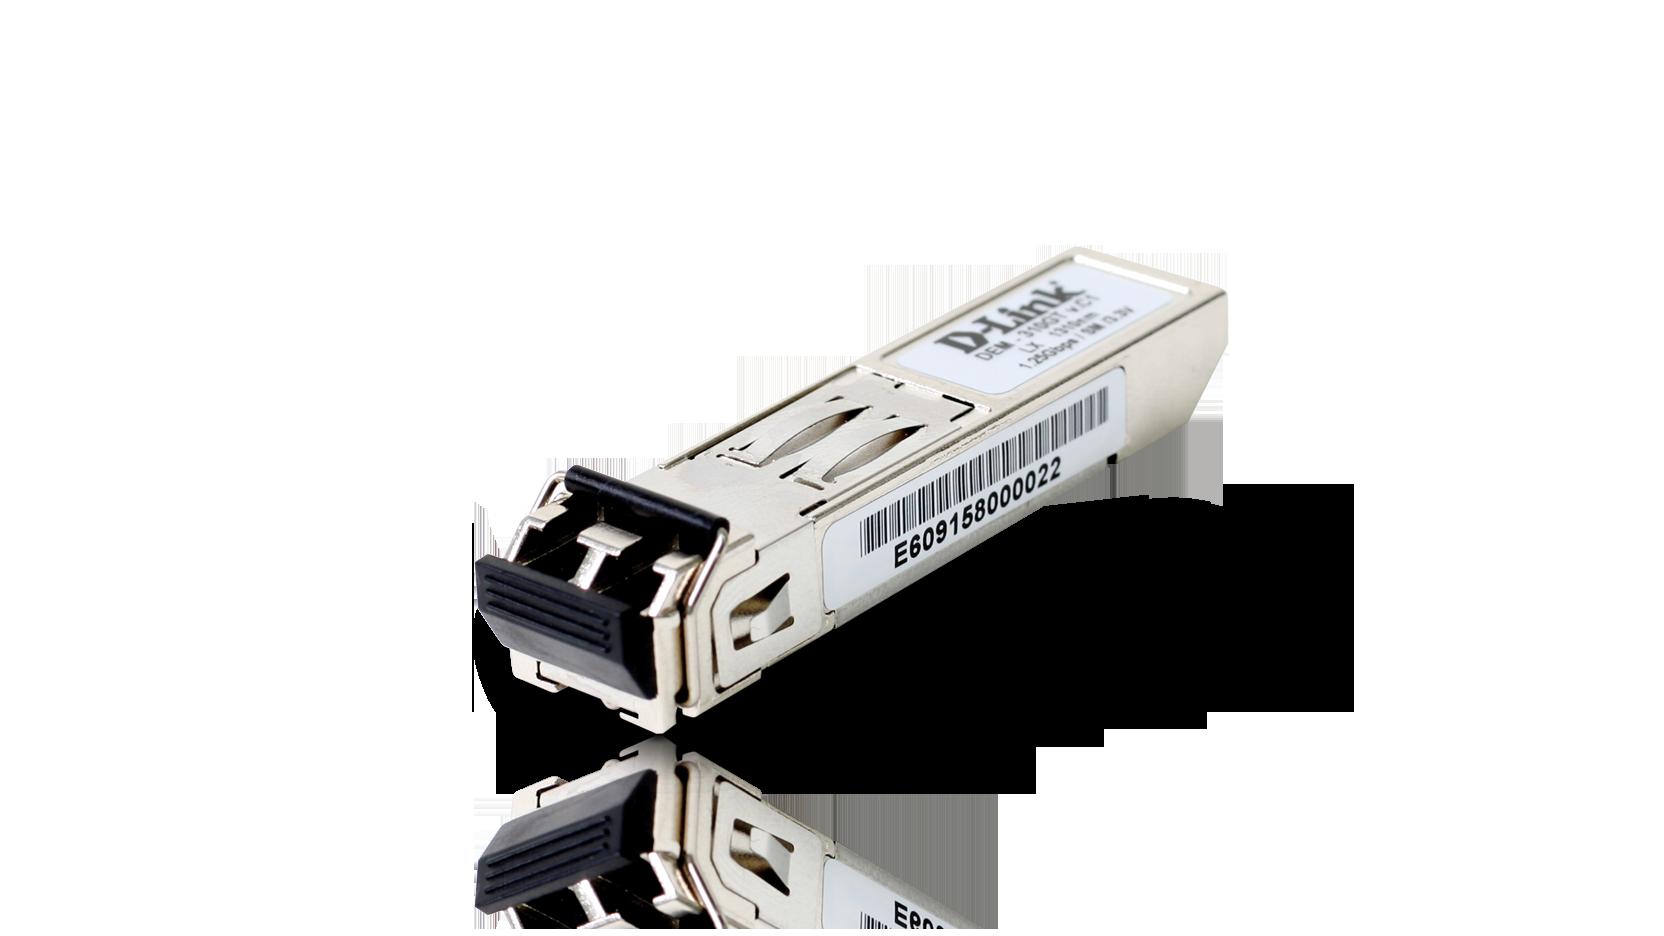 D-LINK DES-3052 FAST ETHERNET L2+ SWITCH DRIVER PC